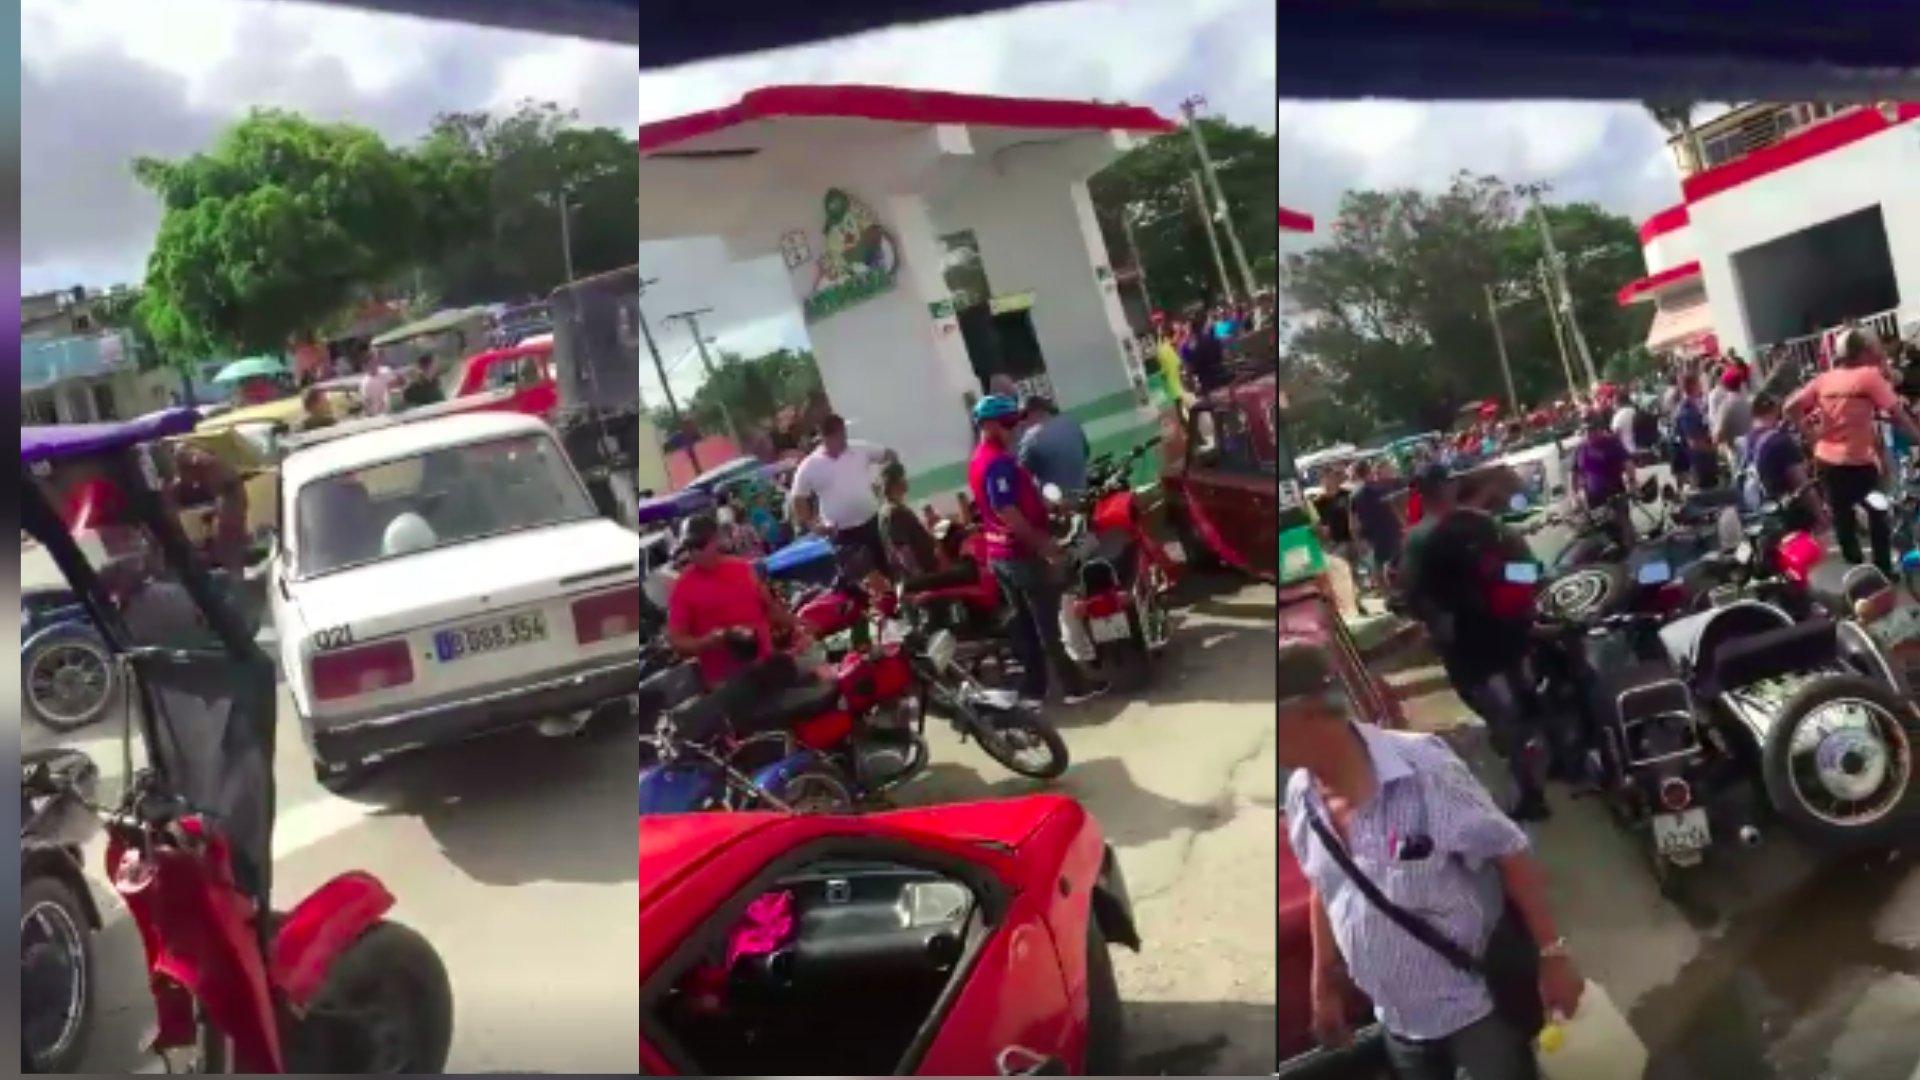 Colas kilométricas en los Servicentros de Holguín para comprar de gasolina (FOTO CAPTURA FACEBOOK ADNIEL GONGORA)